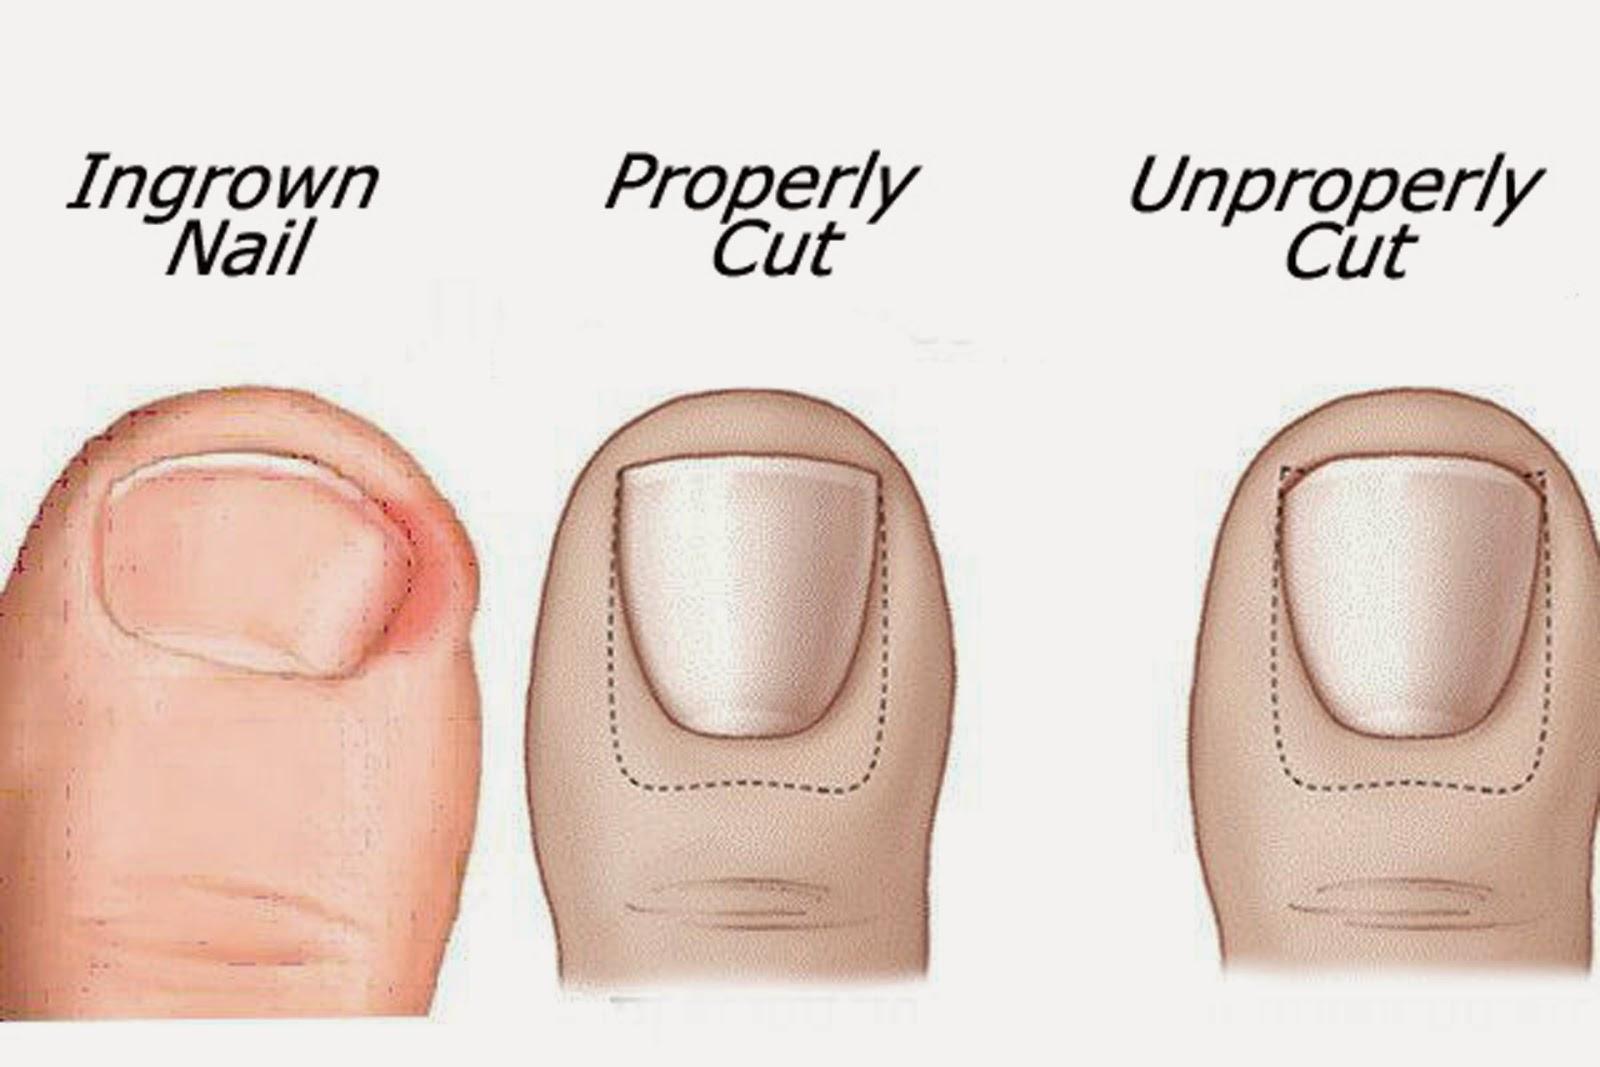 Ingrown-nail